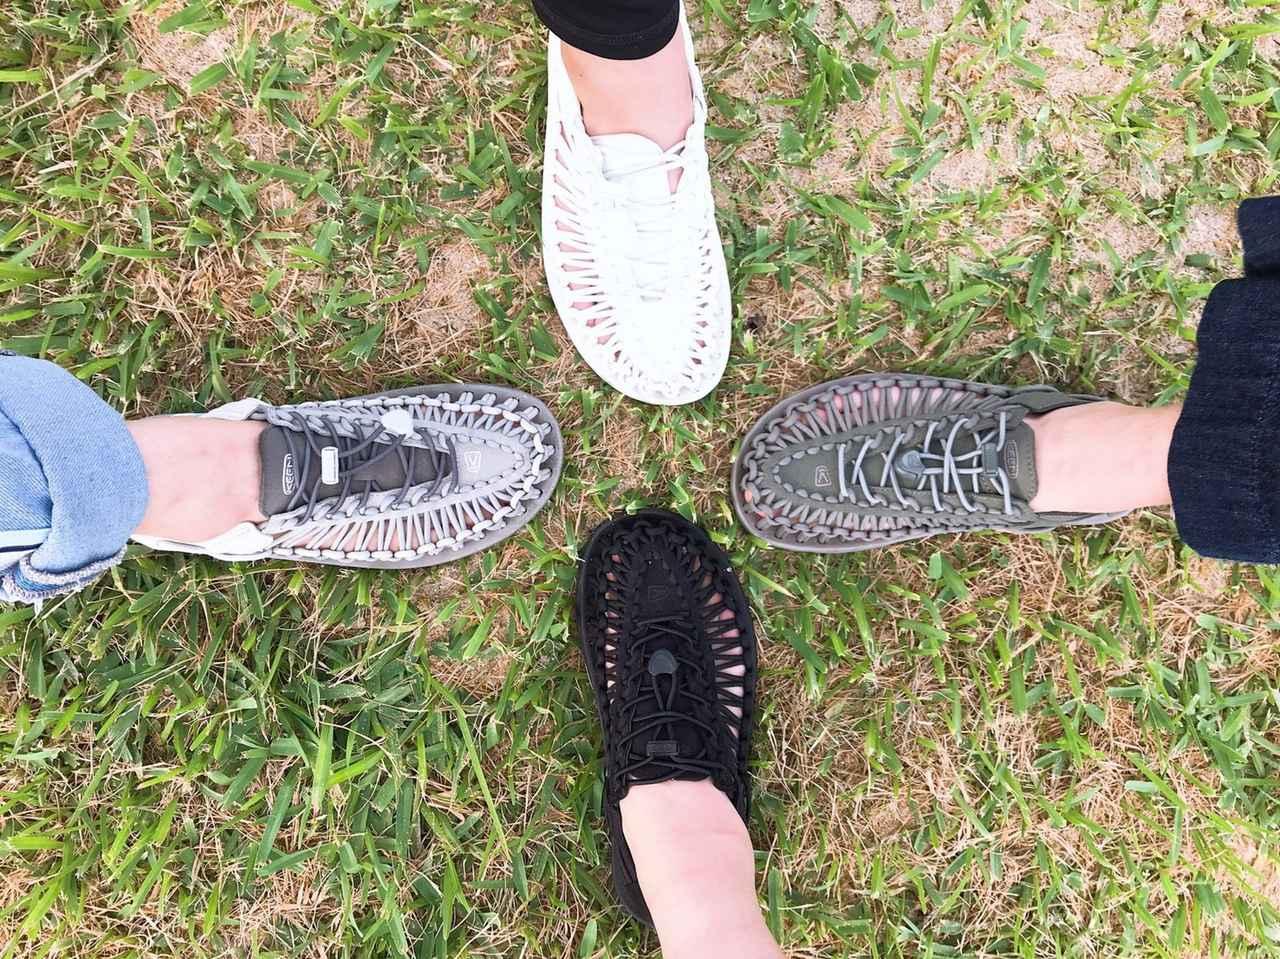 画像: シューズもサンダルも複数欲しくなる! おしゃれで機能的なKEEN(キーン)の靴がおすすめ!